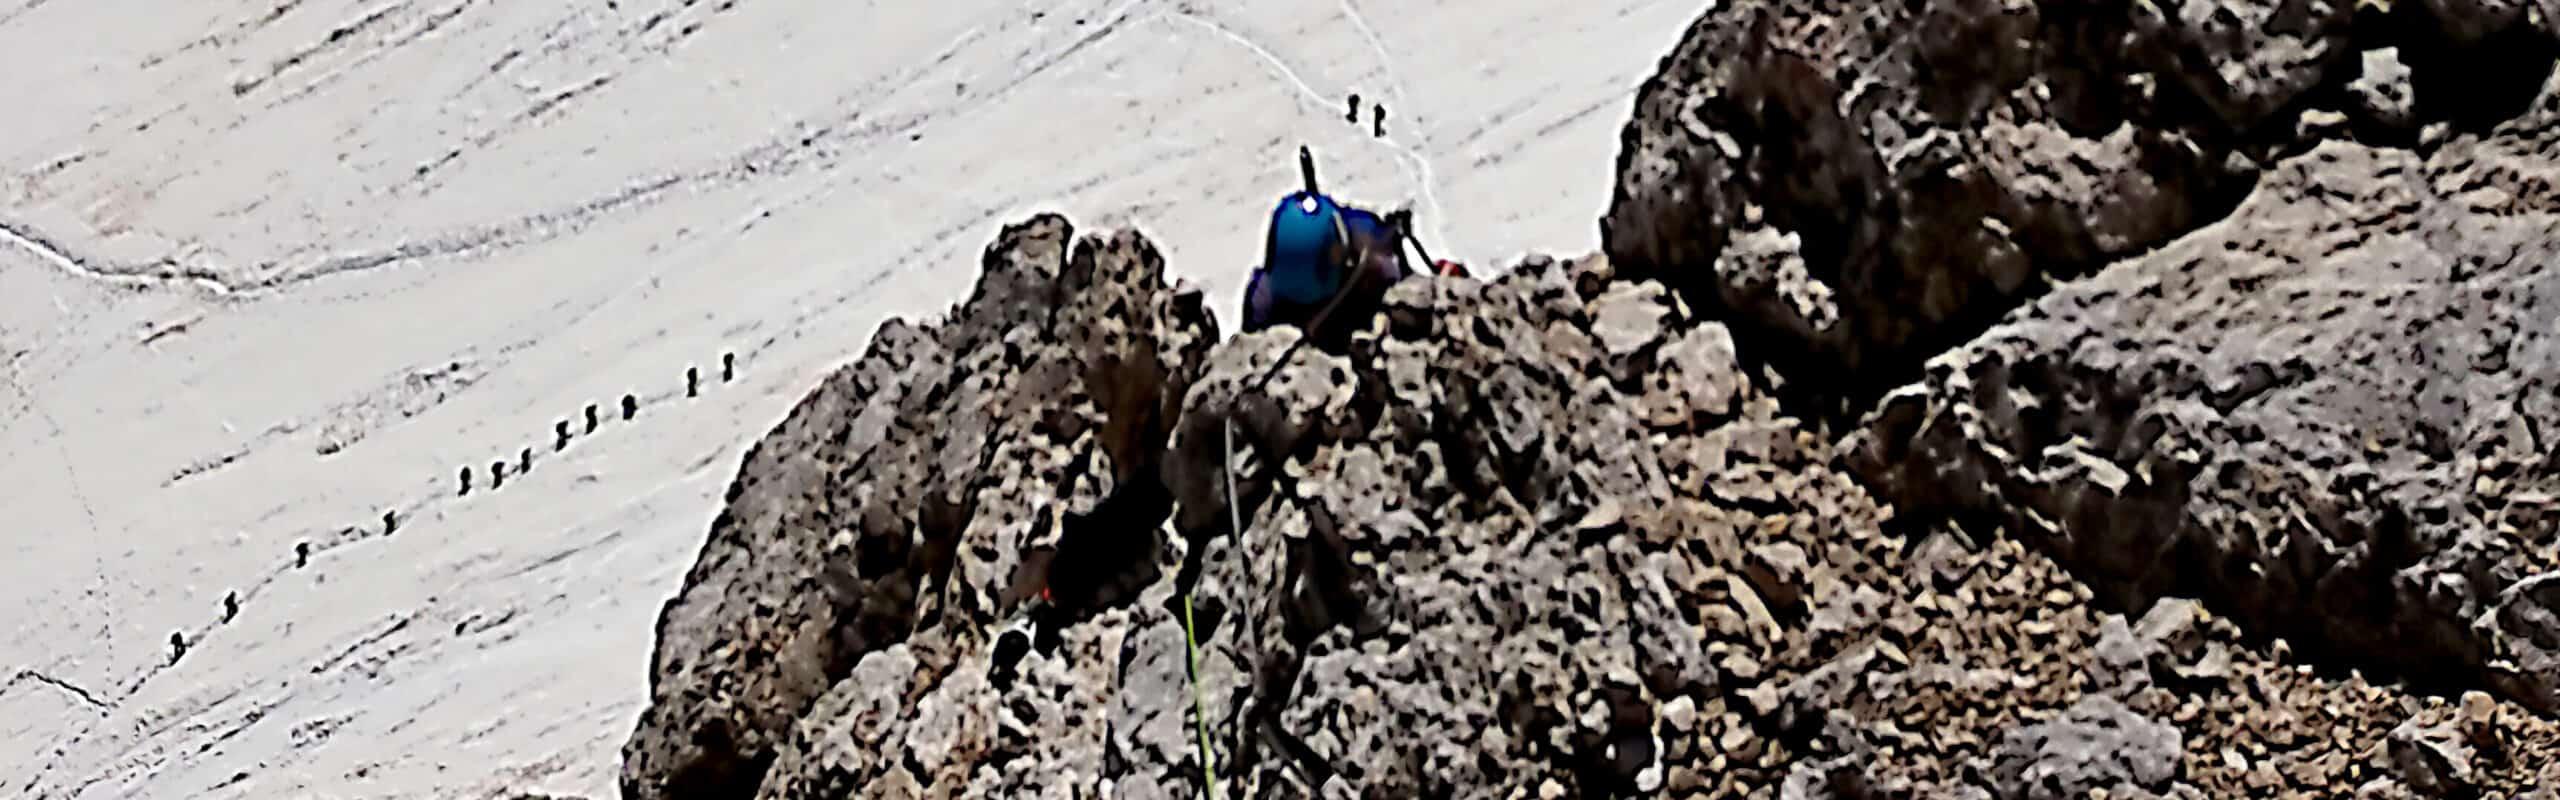 Scarpe da ferrata: come sceglierle - tratto ferrata Punta Penia